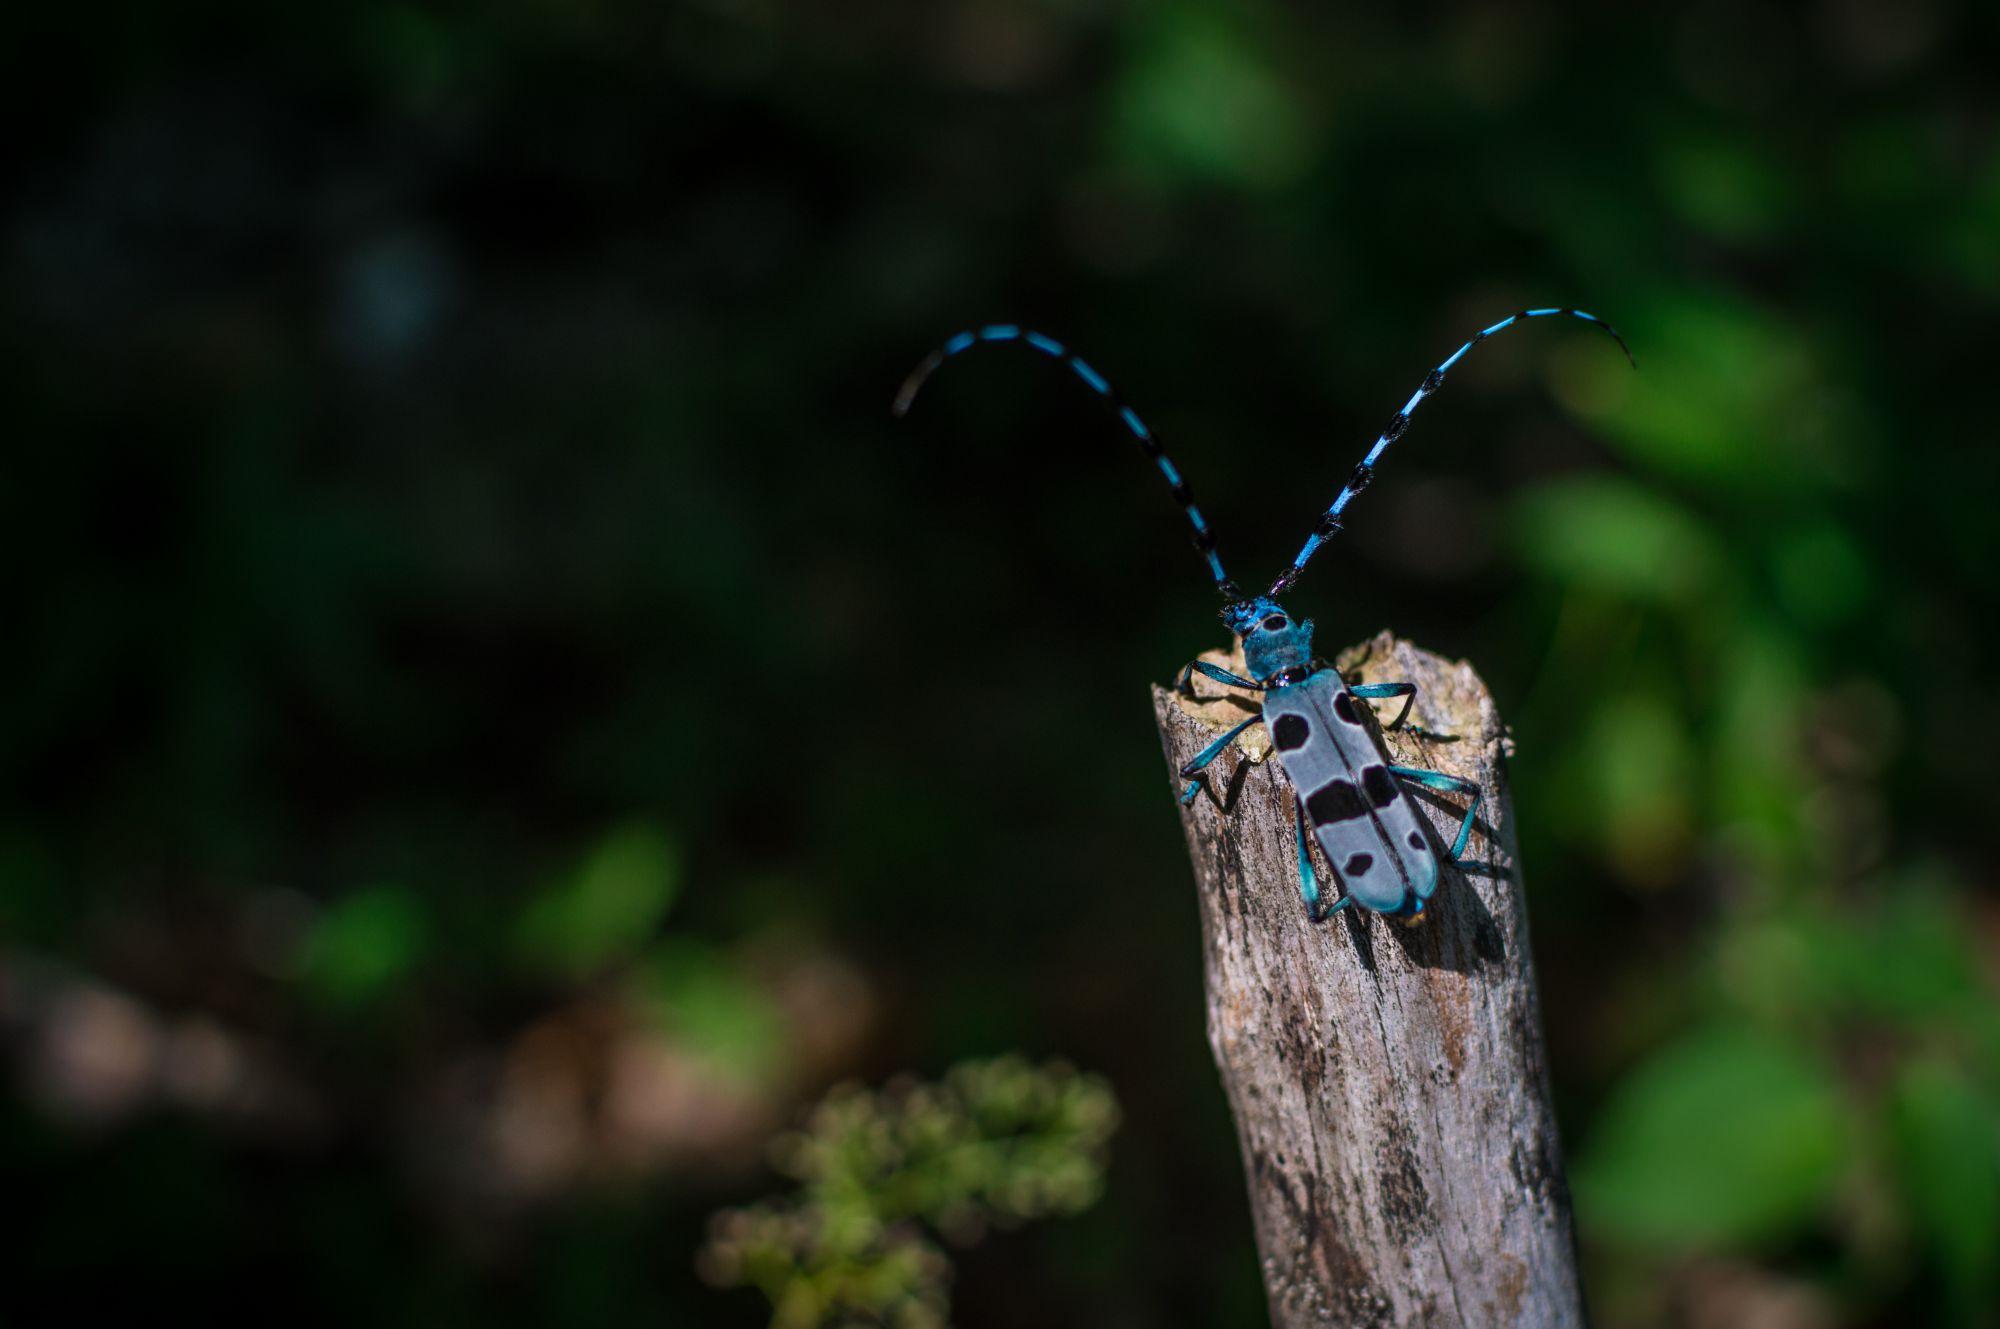 El escarabajo Rosalia alpina selecciona las hayas muertas en claros del bosque y solanas. Foto: Shutterstock.